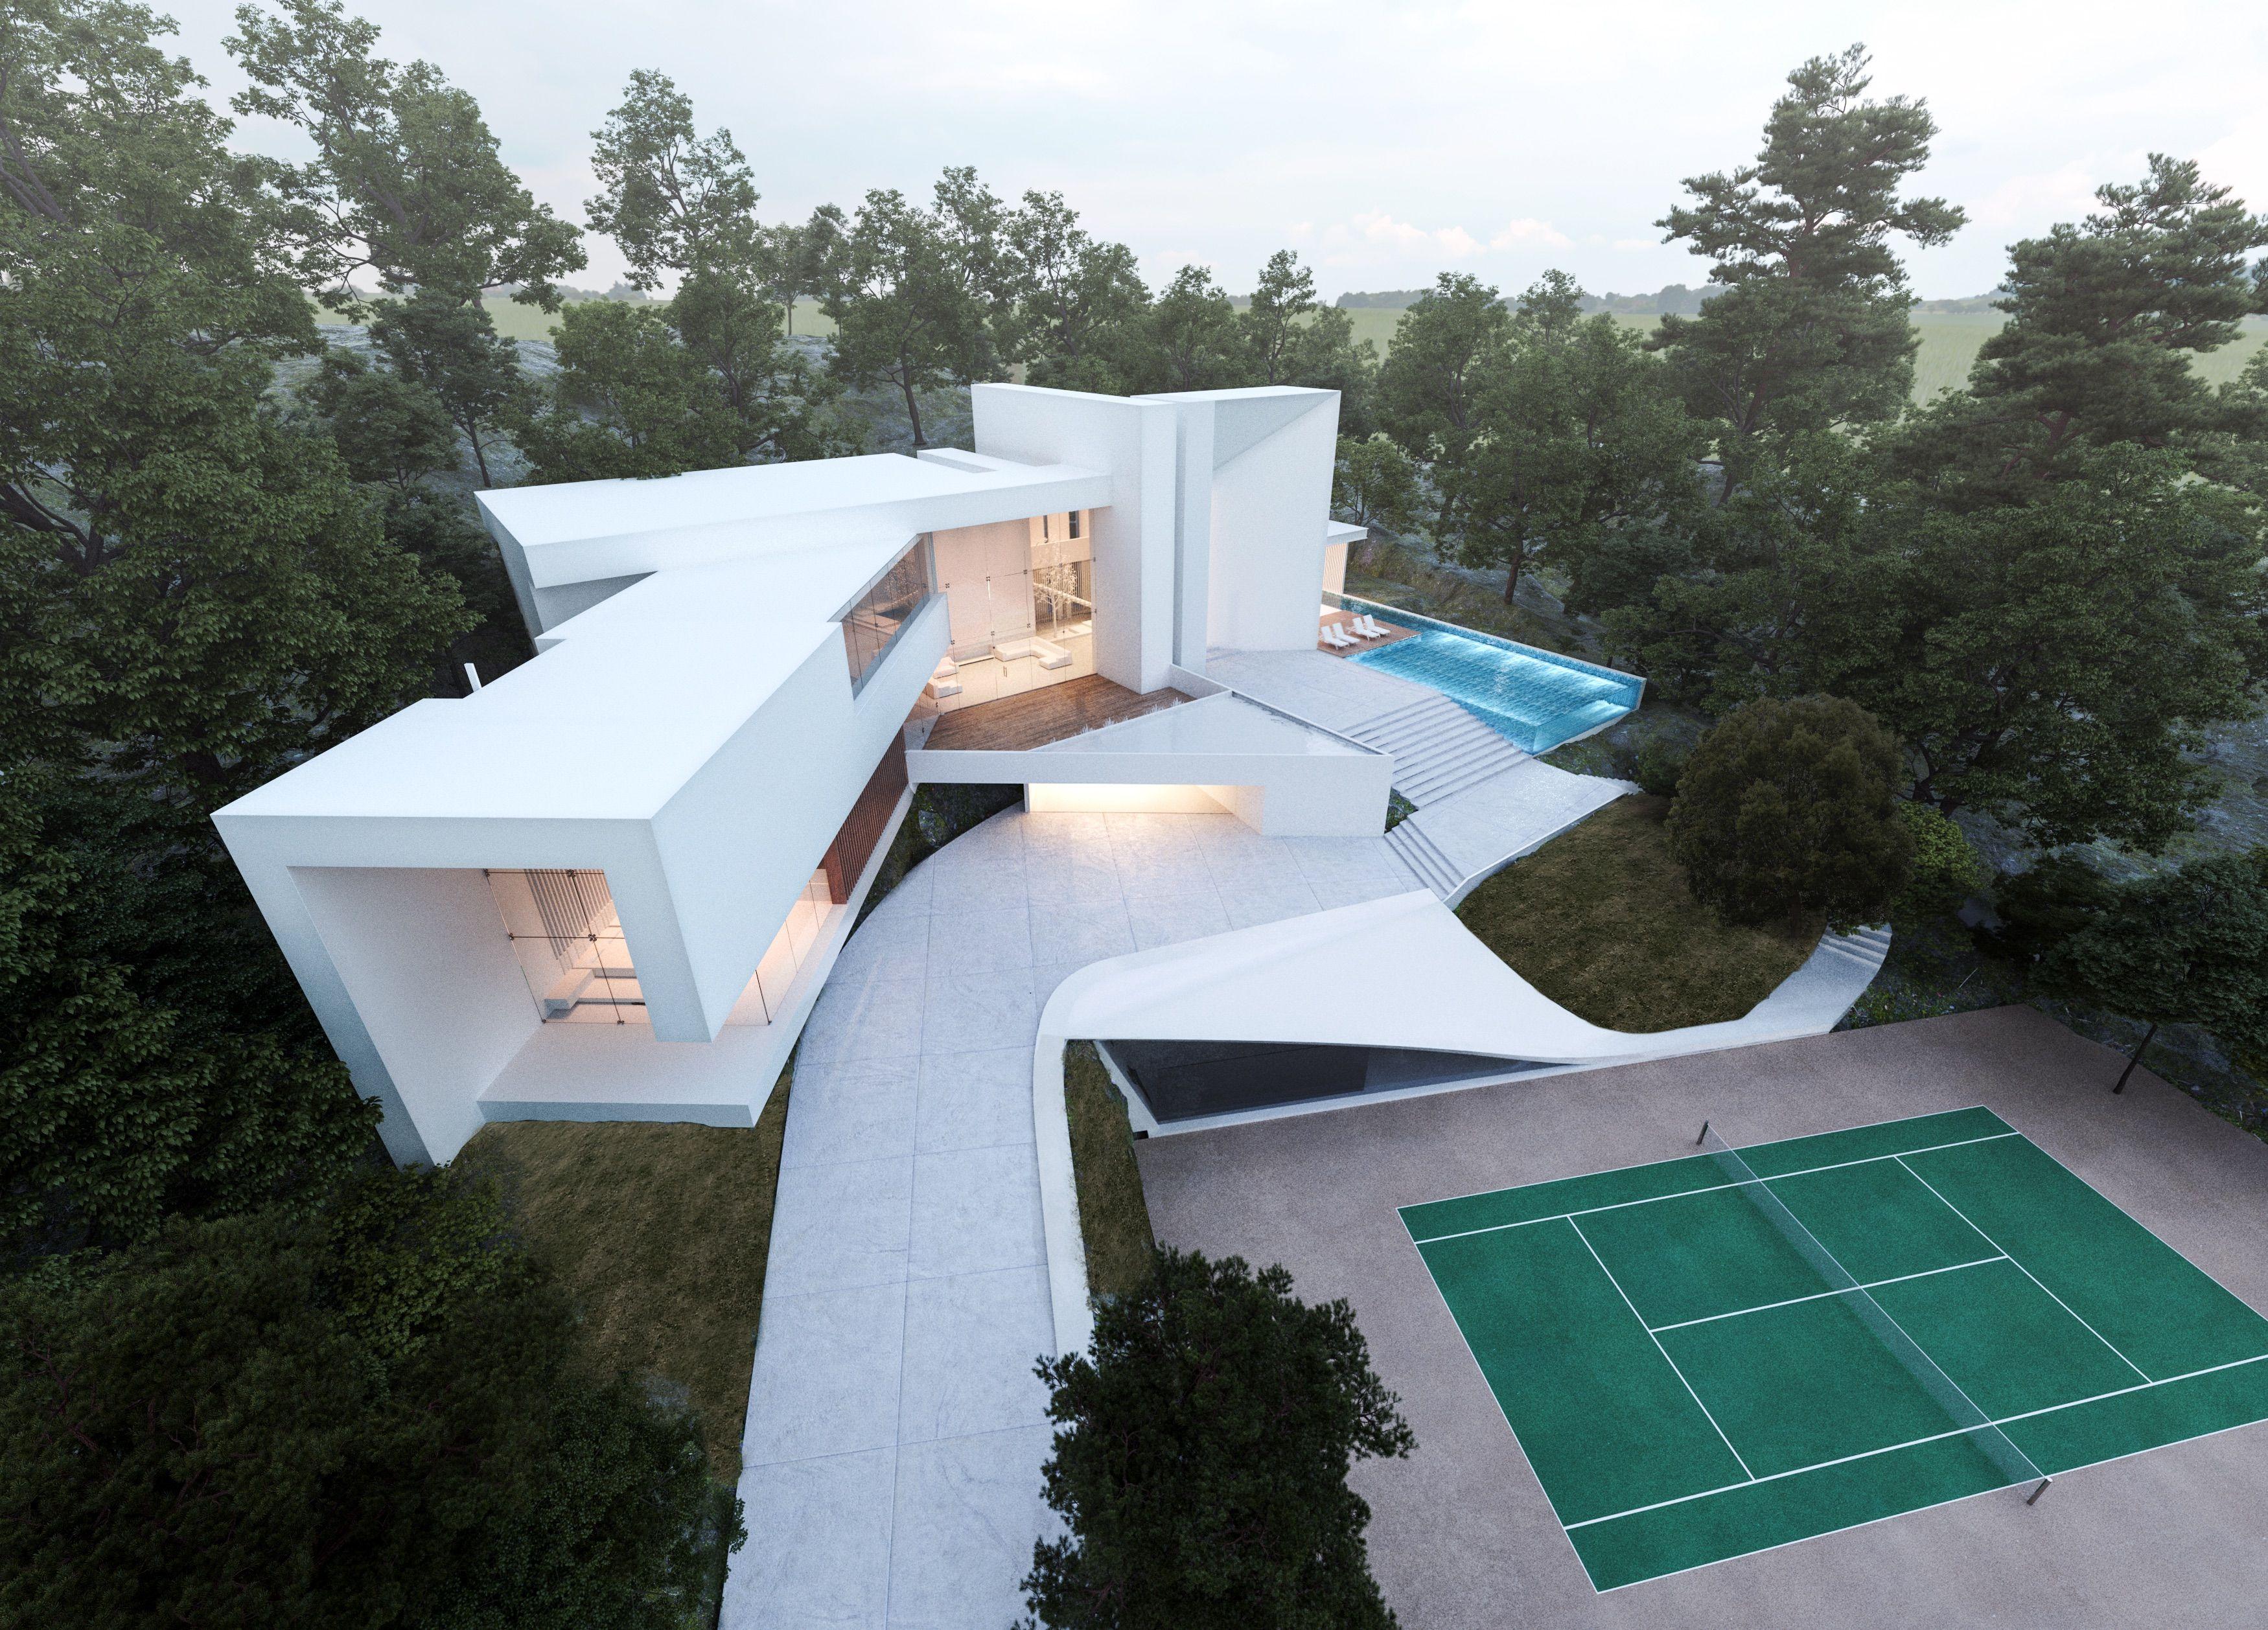 #creato #villa #luxe #dubai #facades #architecture #